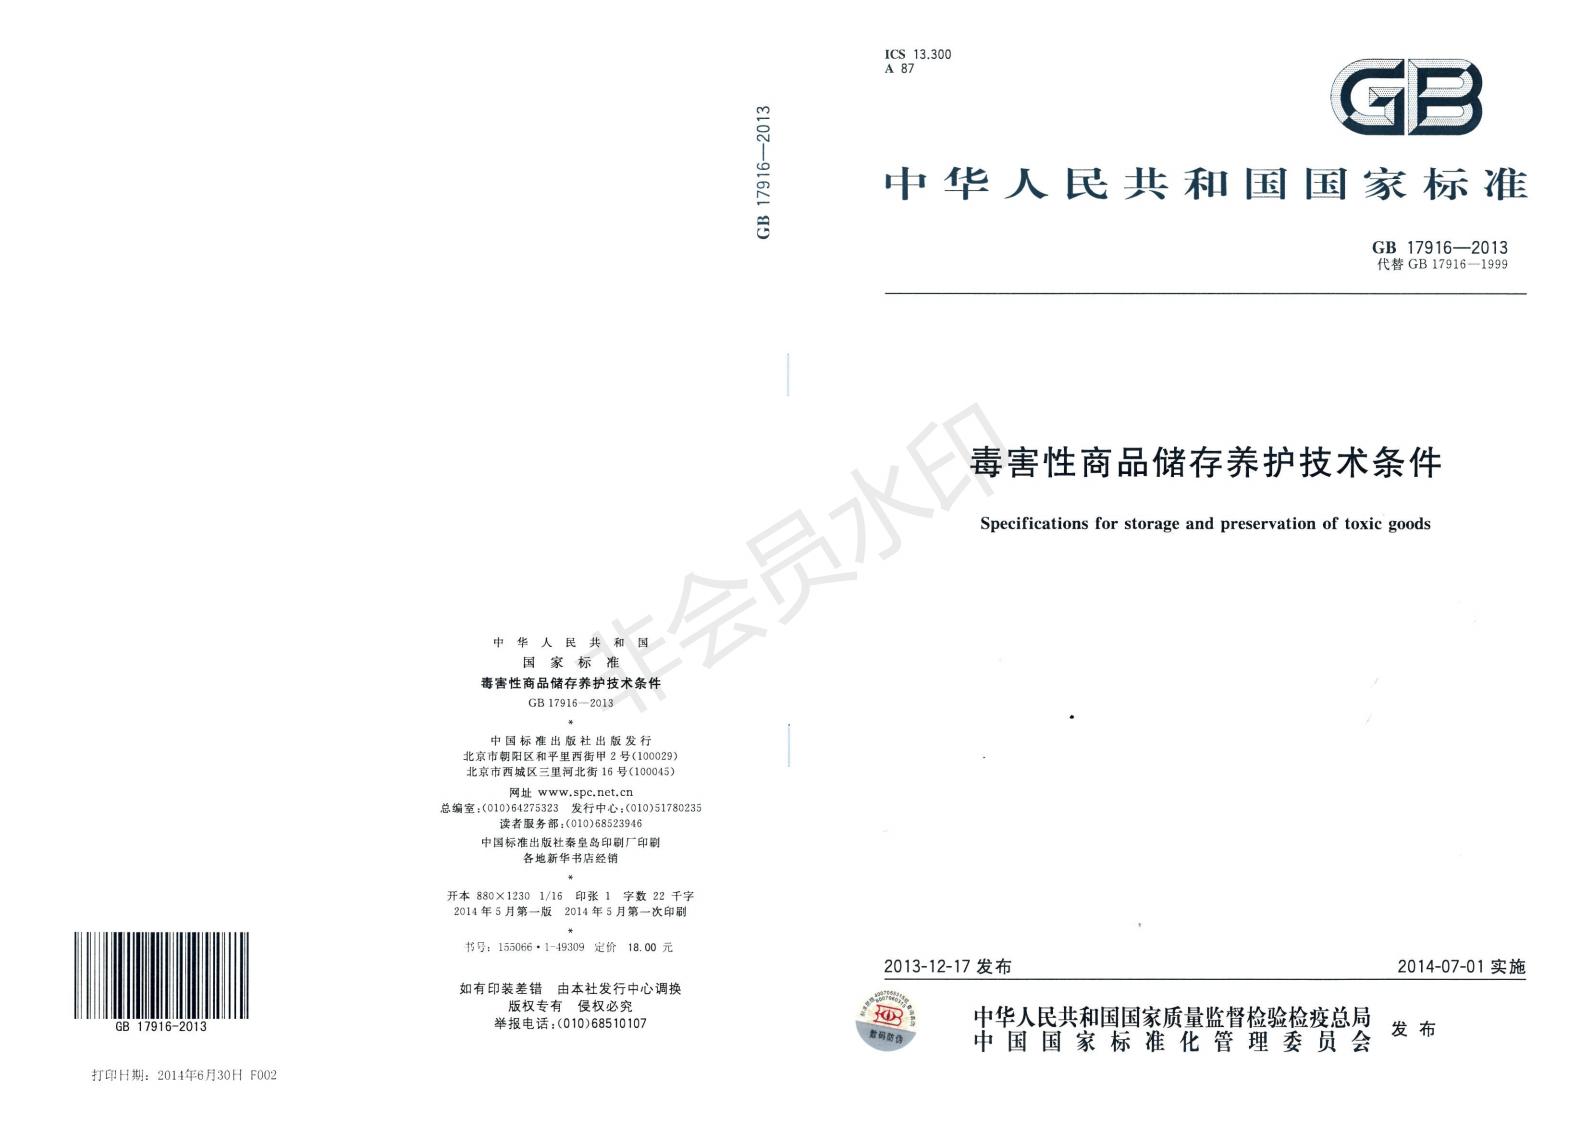 毒害性商品存储养护技术条件(GB17916-2013)